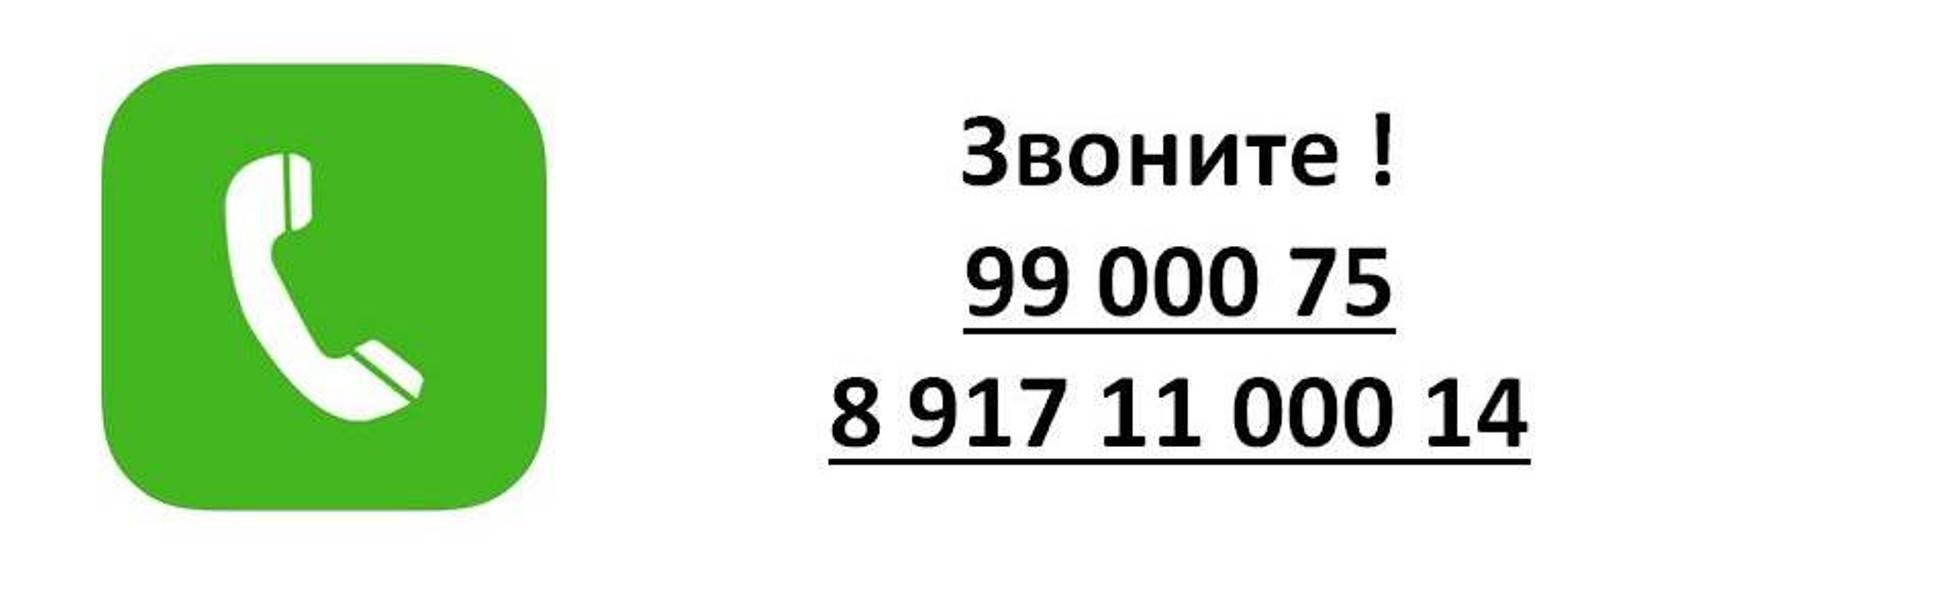 эхолоты ПРАКТИК в Самаре официальный дилер   ИП  Соловьев А.С.  ОГРНИП: 316631300113528